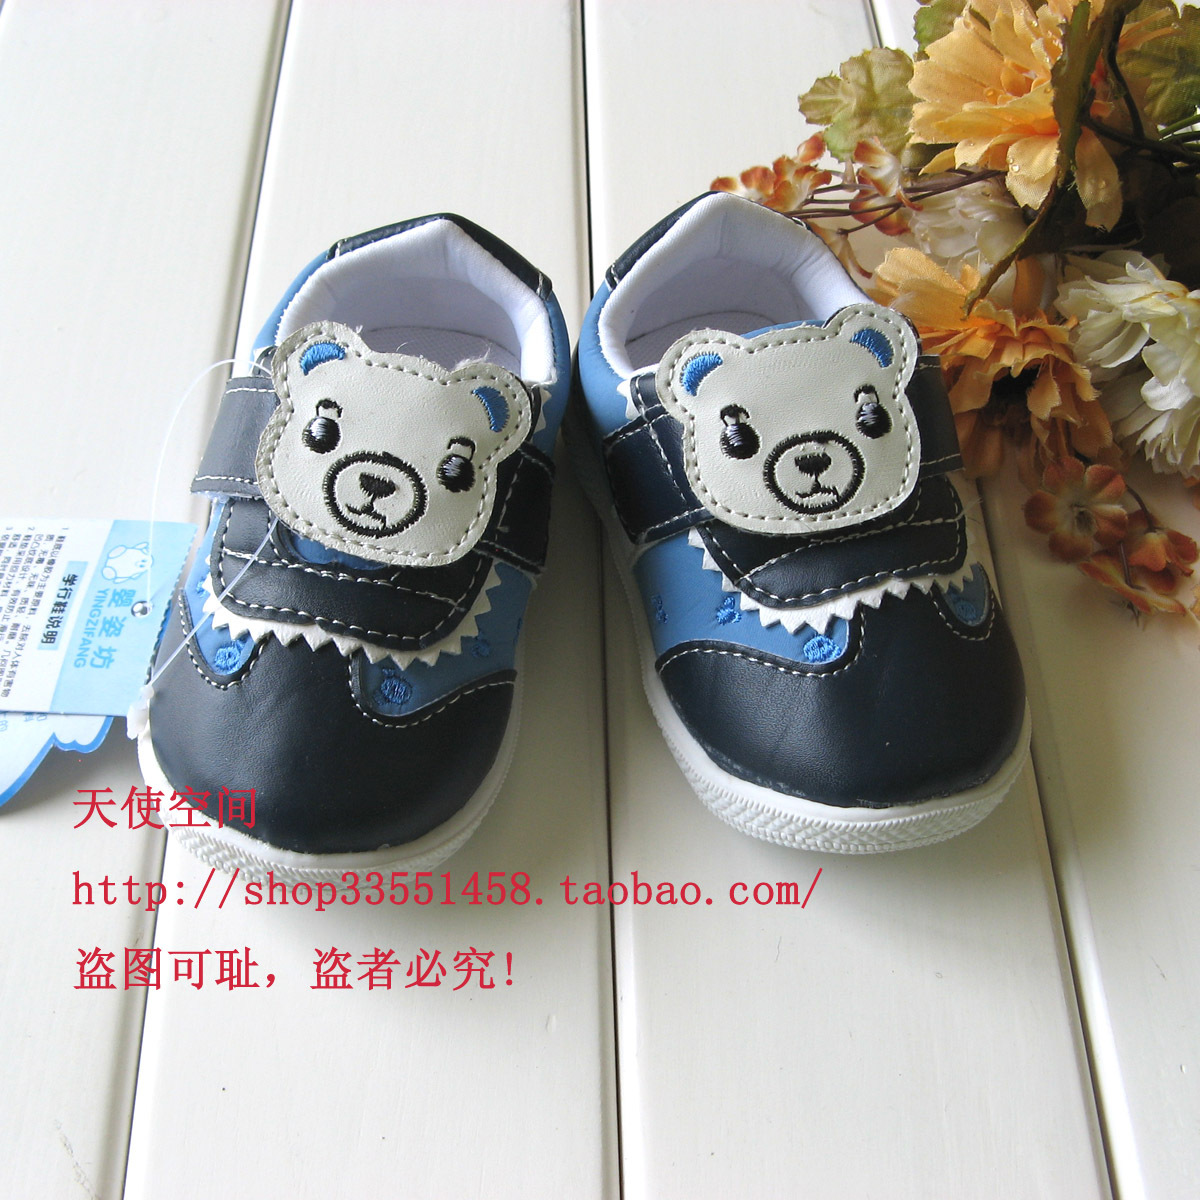 5折特价 婴姿坊4081春秋鞋 运动鞋 防滑学步鞋16码内长内长12